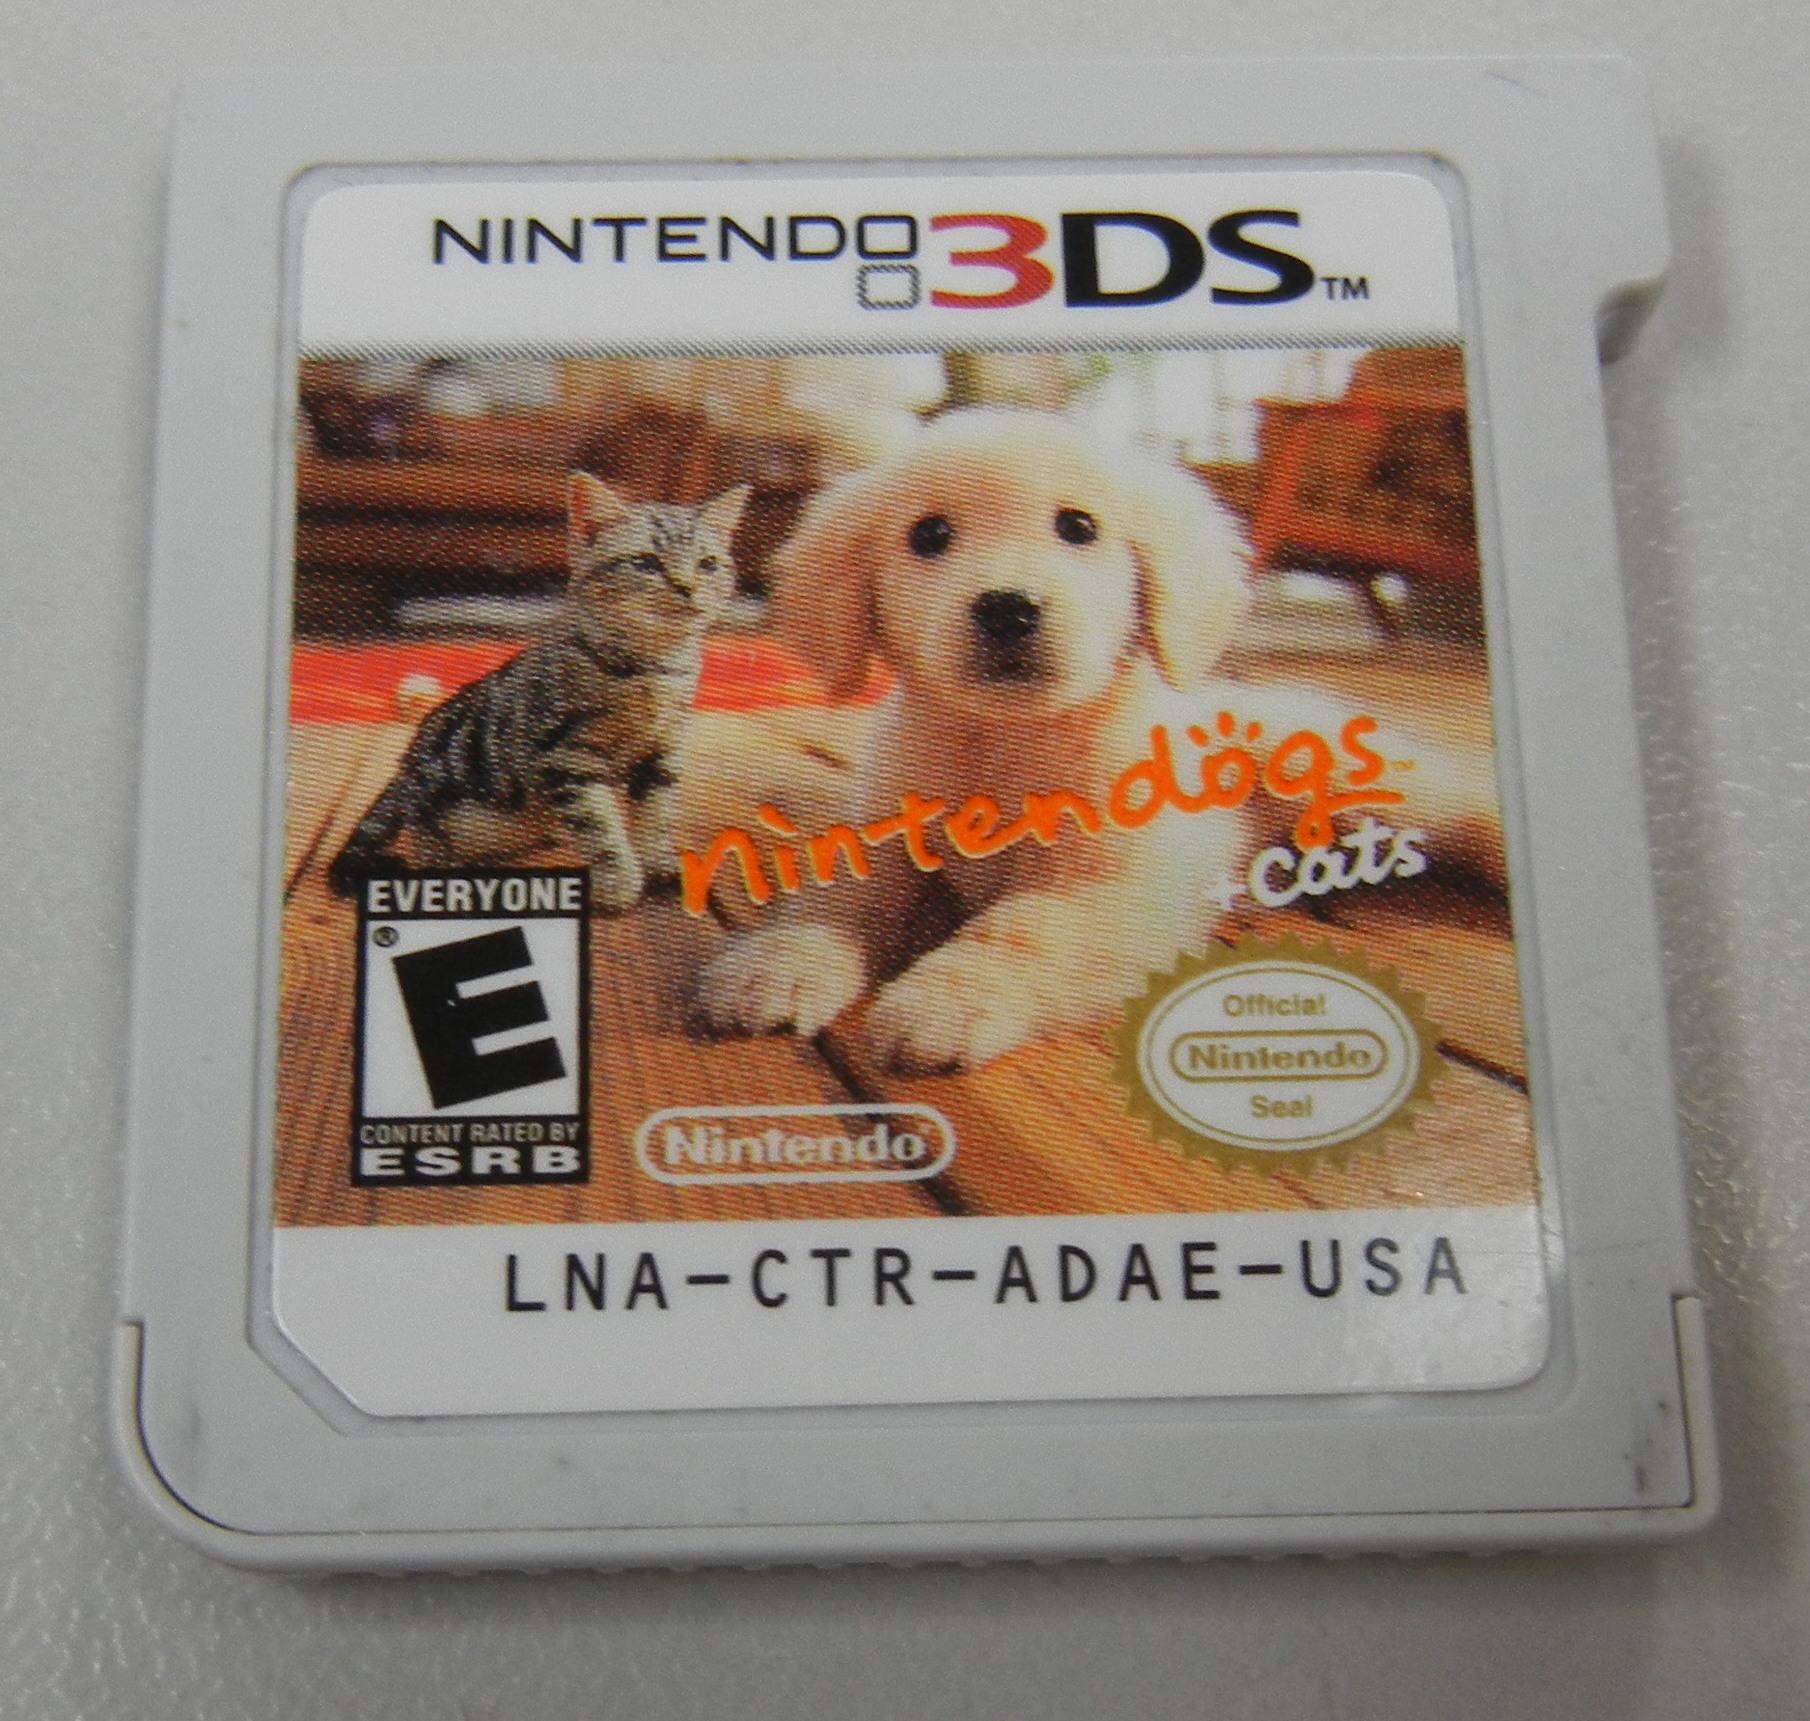 NINTENDOGS & CATS RETRIEVER - NINTENDO 3DS GAME